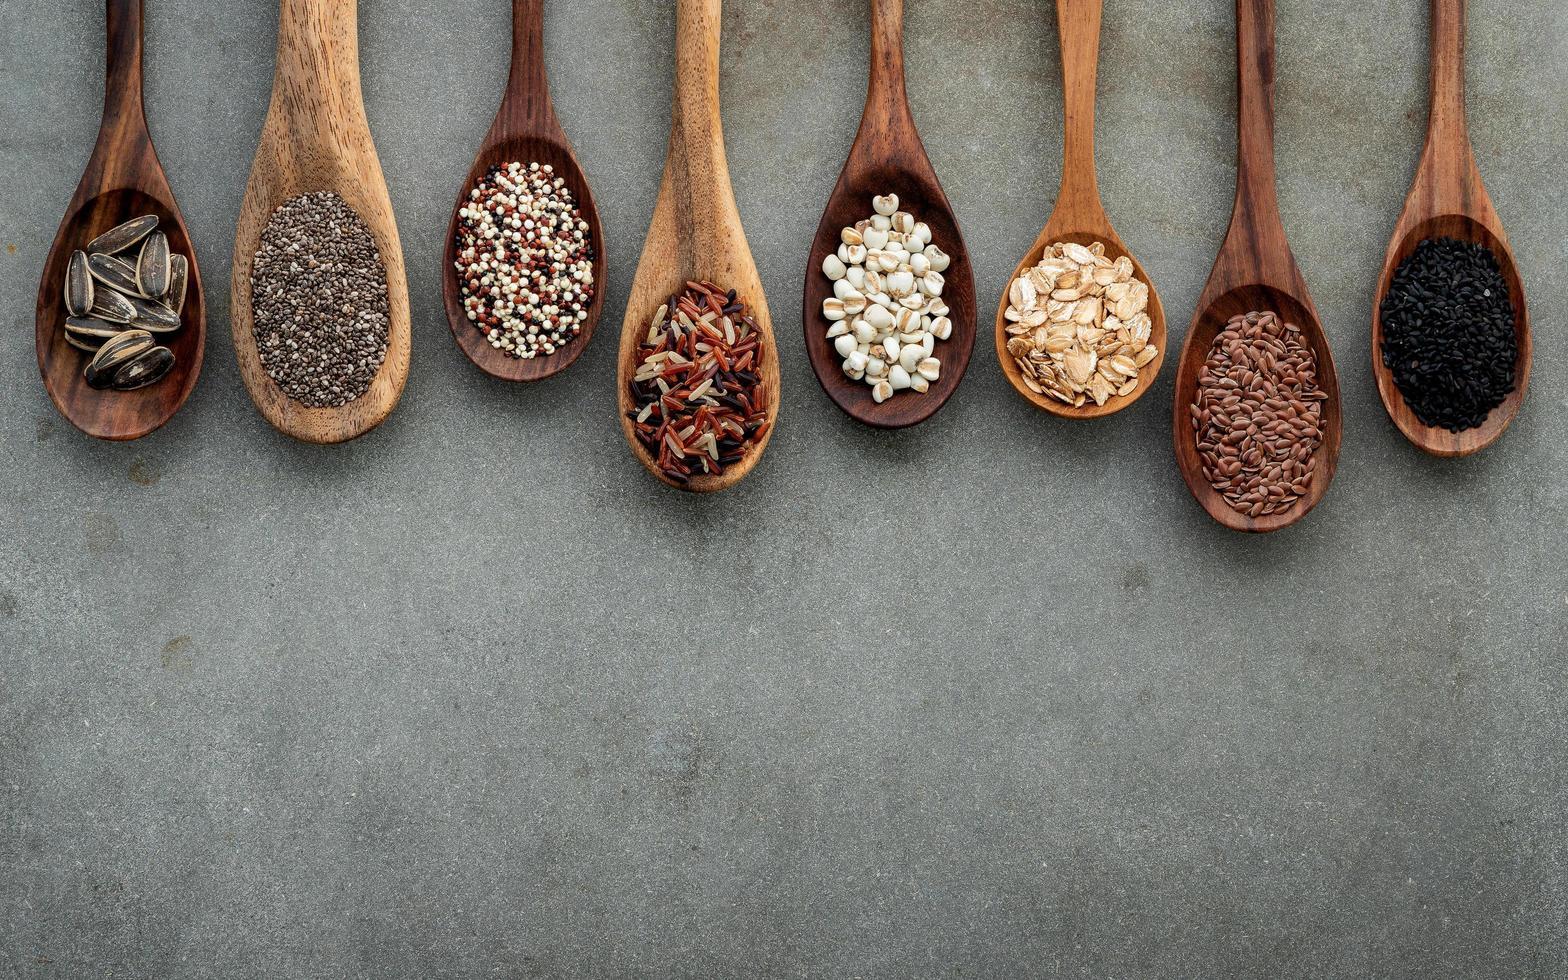 cuillères de grains sur béton photo